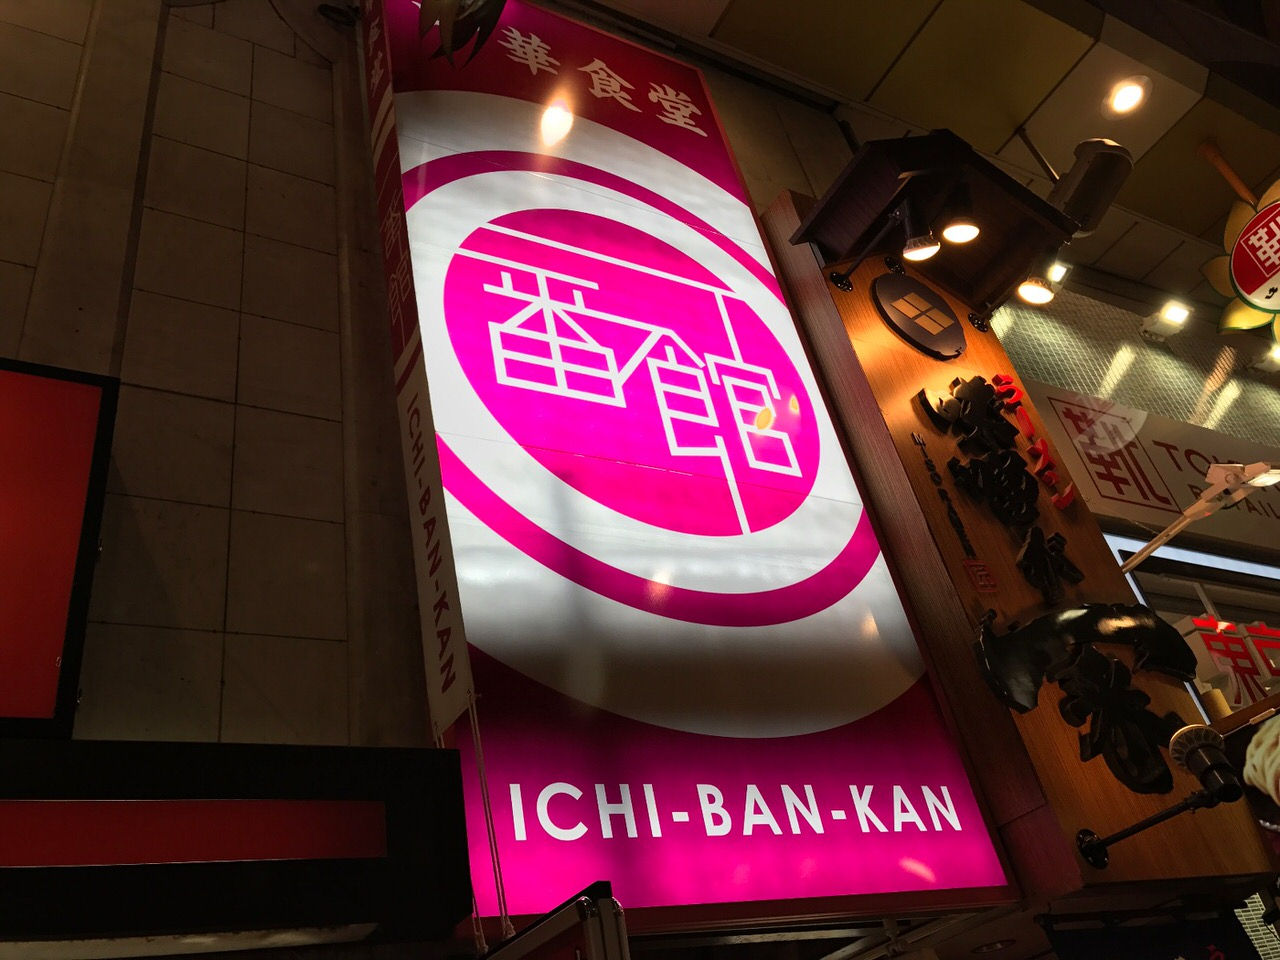 Ichi ban kan 1261